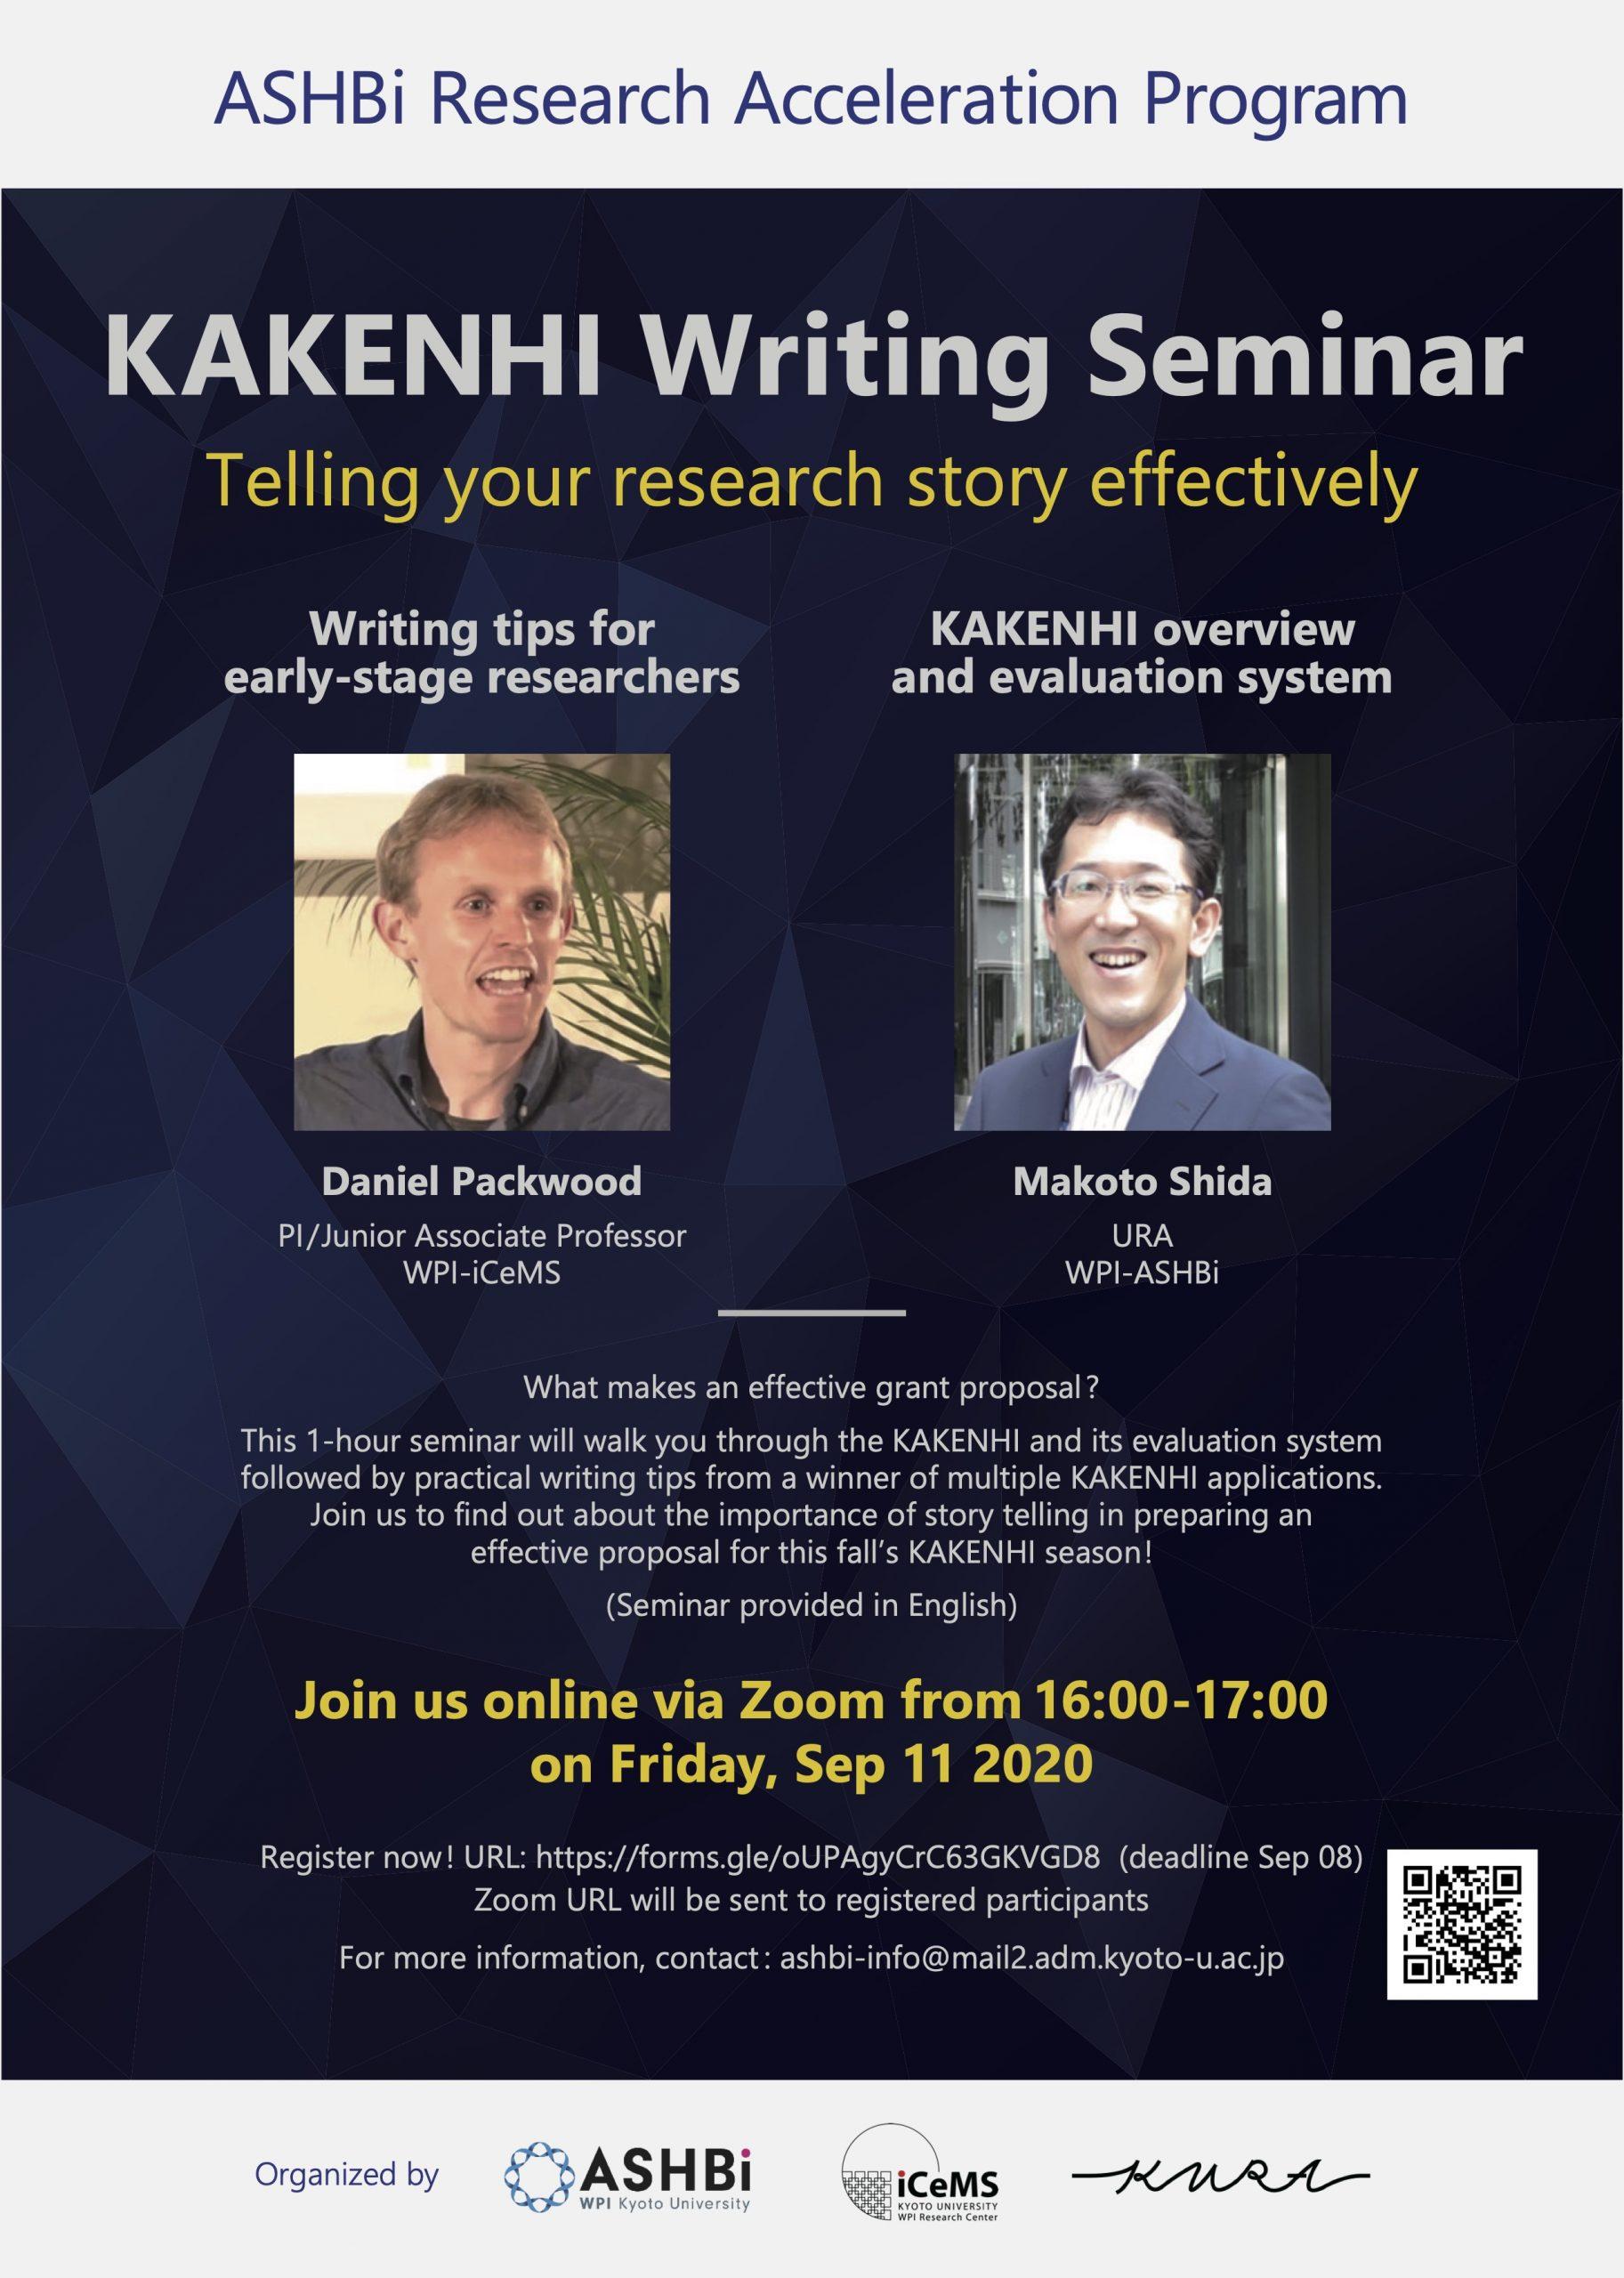 KAKENHI Writing Seminar 2020